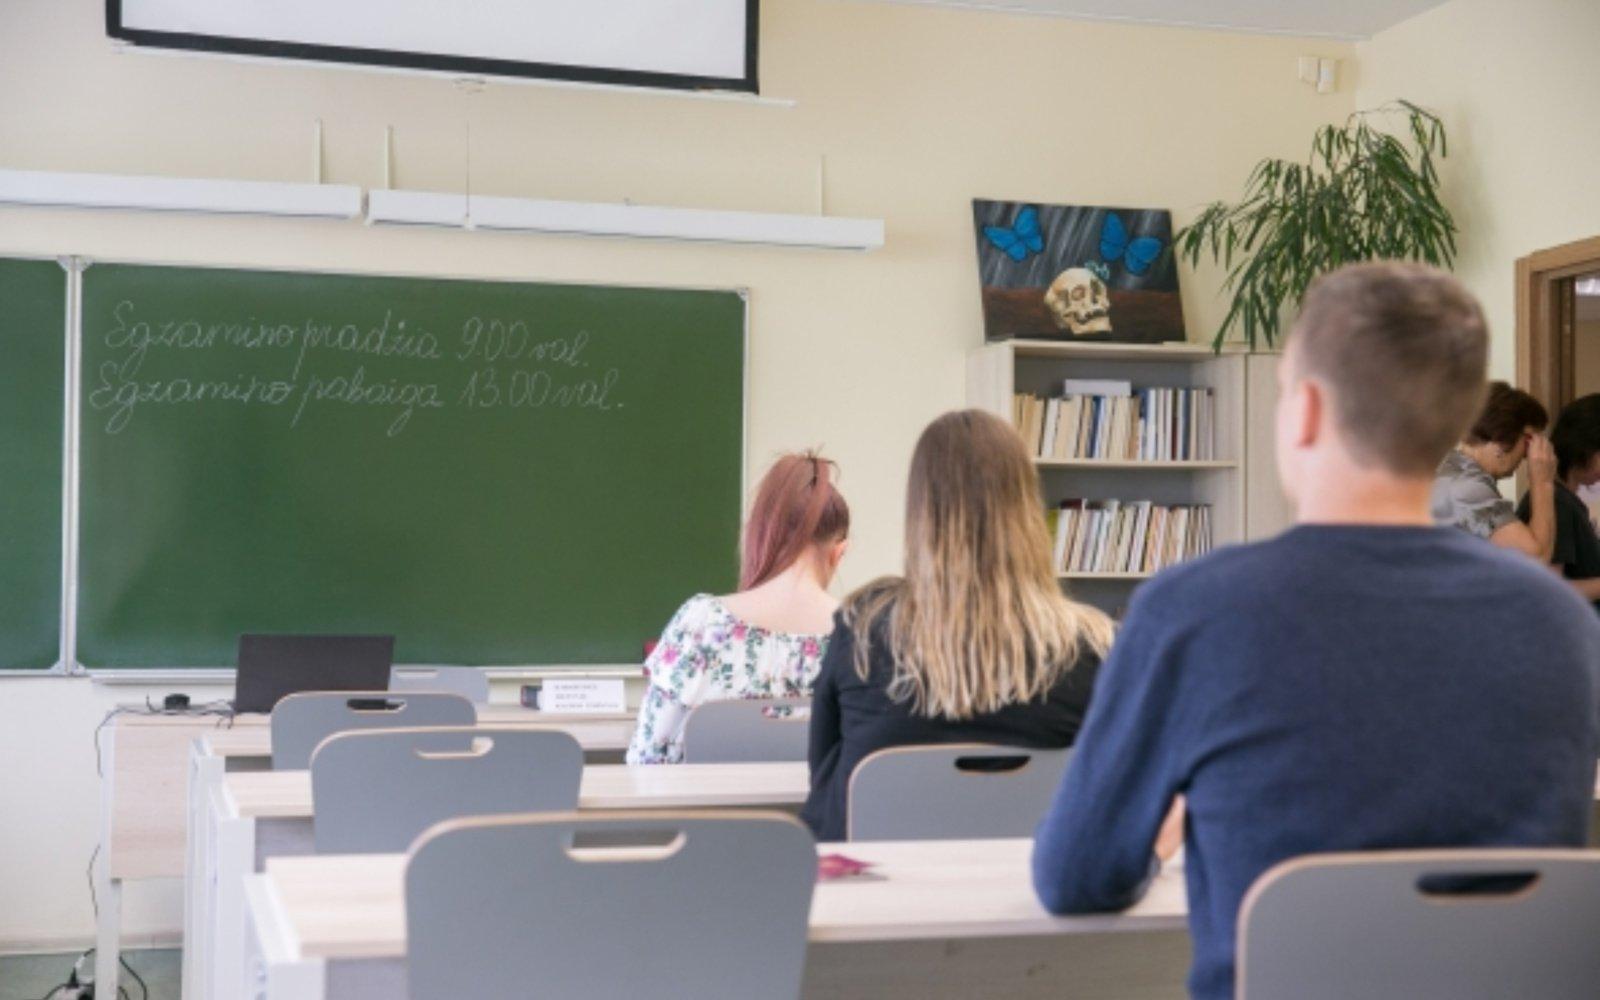 Abiturientai laikys biologijos brandos egzaminą